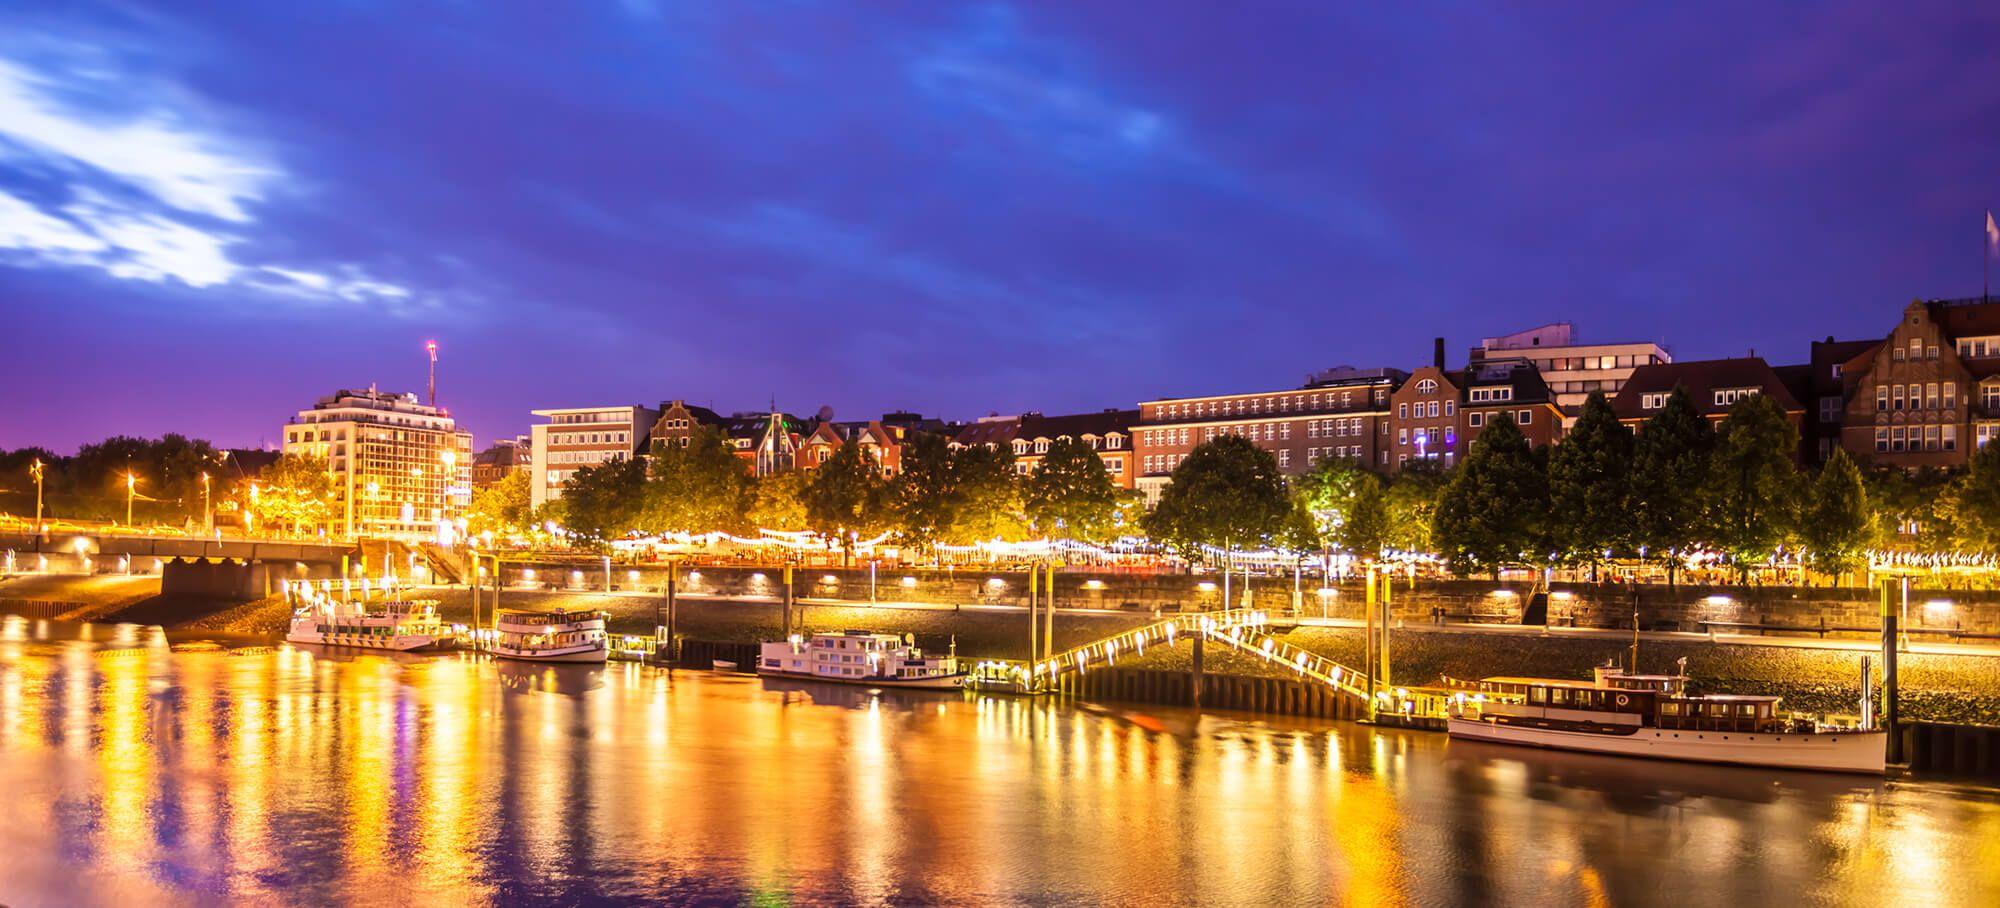 Historische Uferpromenade Schlachte